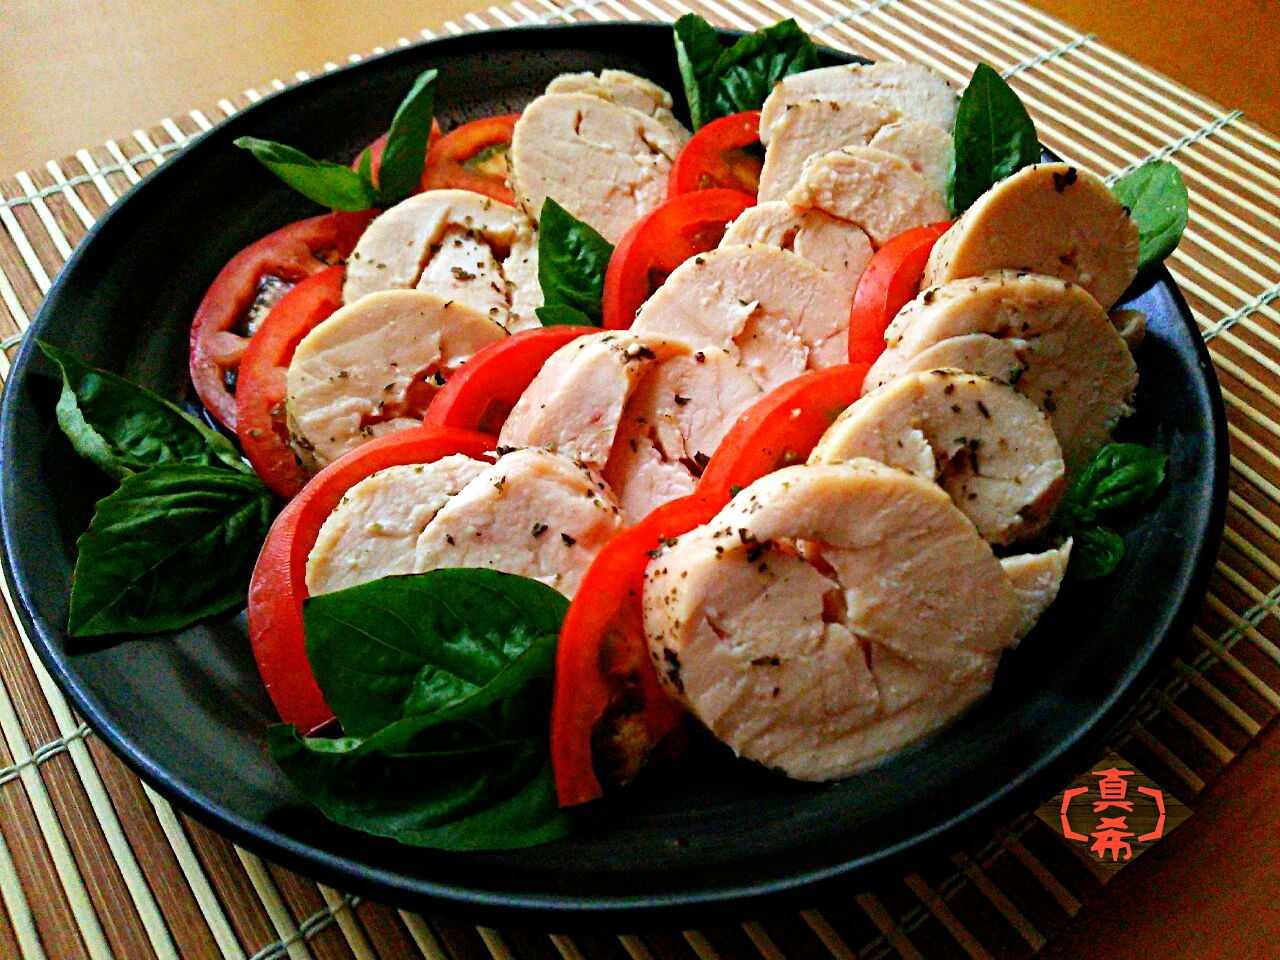 誰でも簡単に作れる!鶏ハムのレシピ&おもてなし風アレンジ術10選